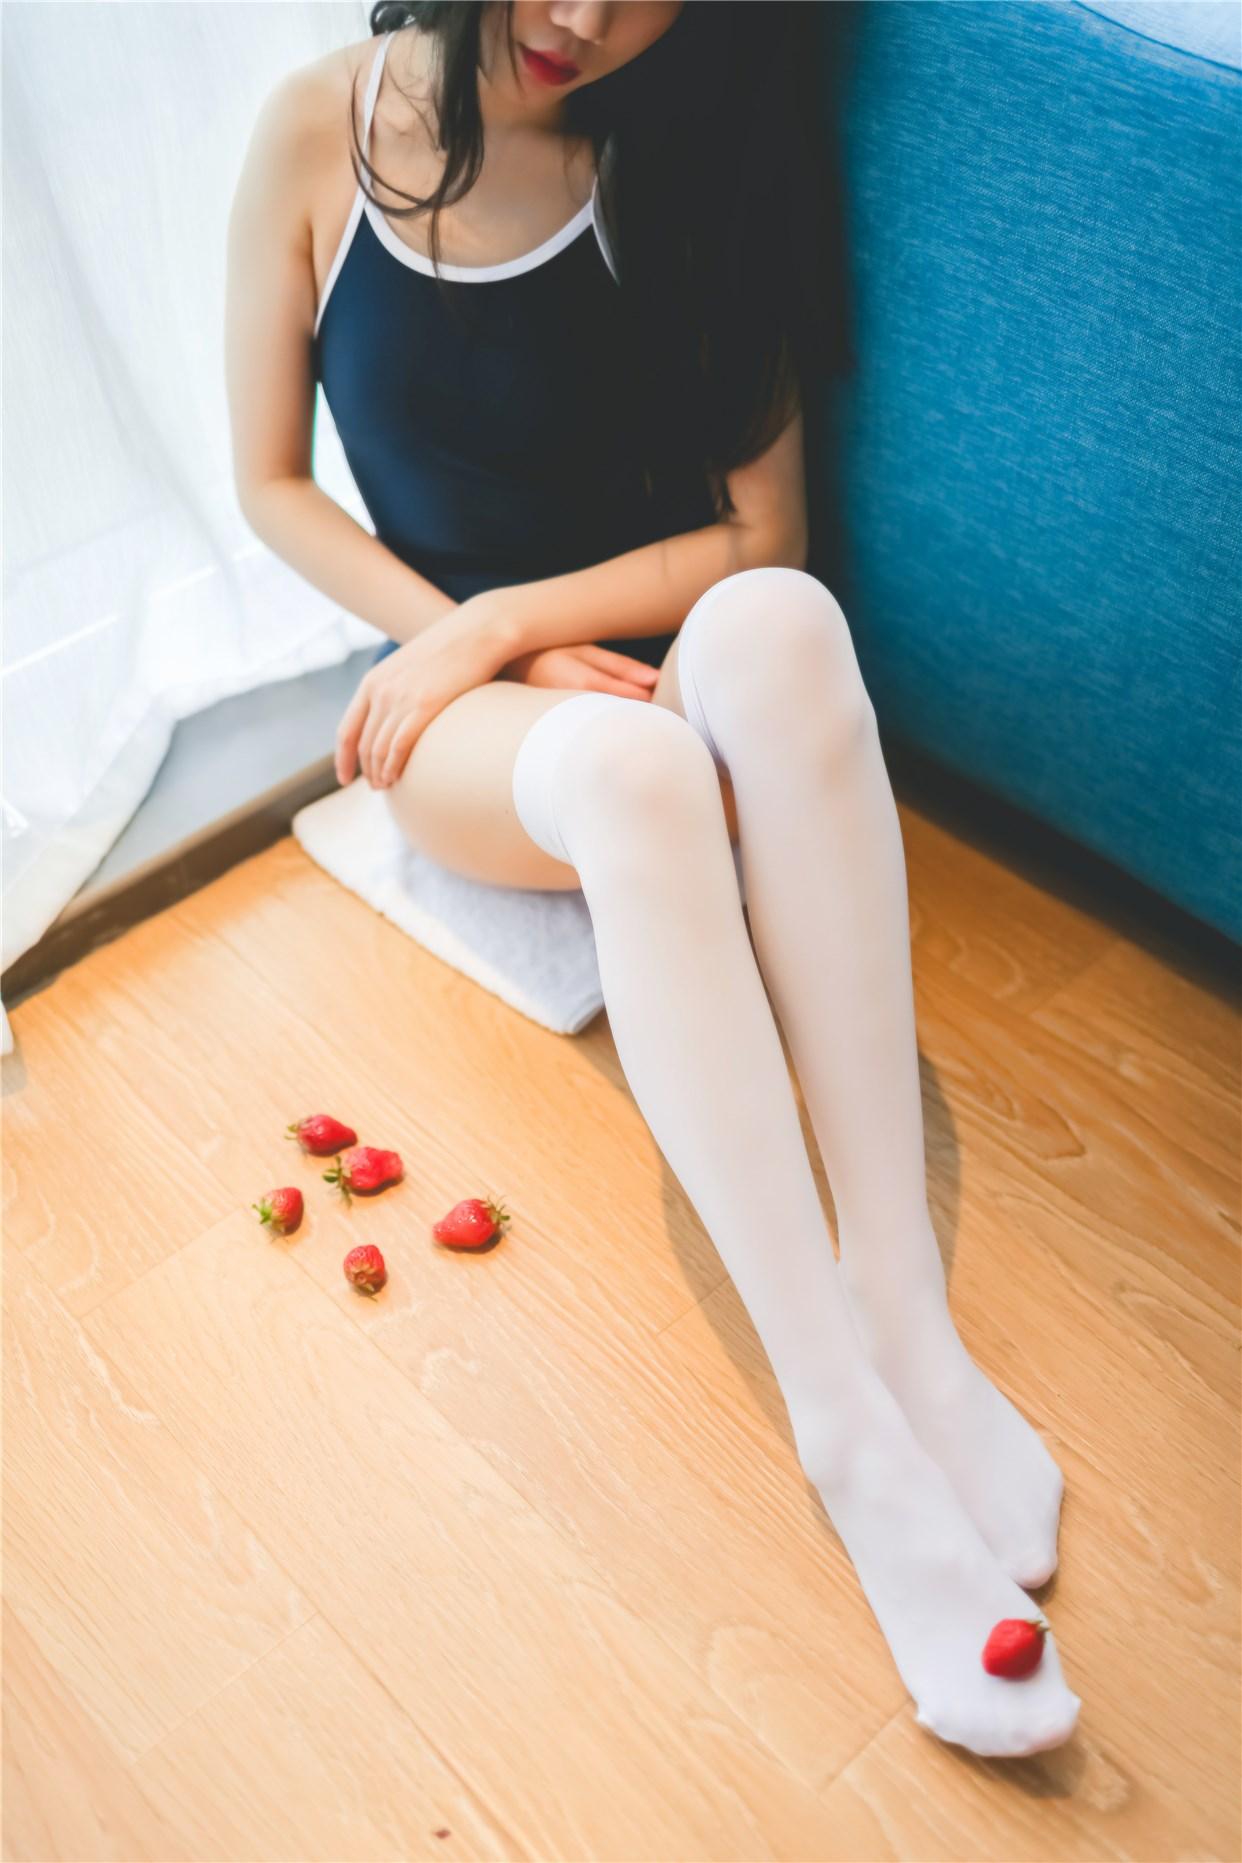 【兔玩映画】草莓,牛奶,死库水 兔玩映画 第26张